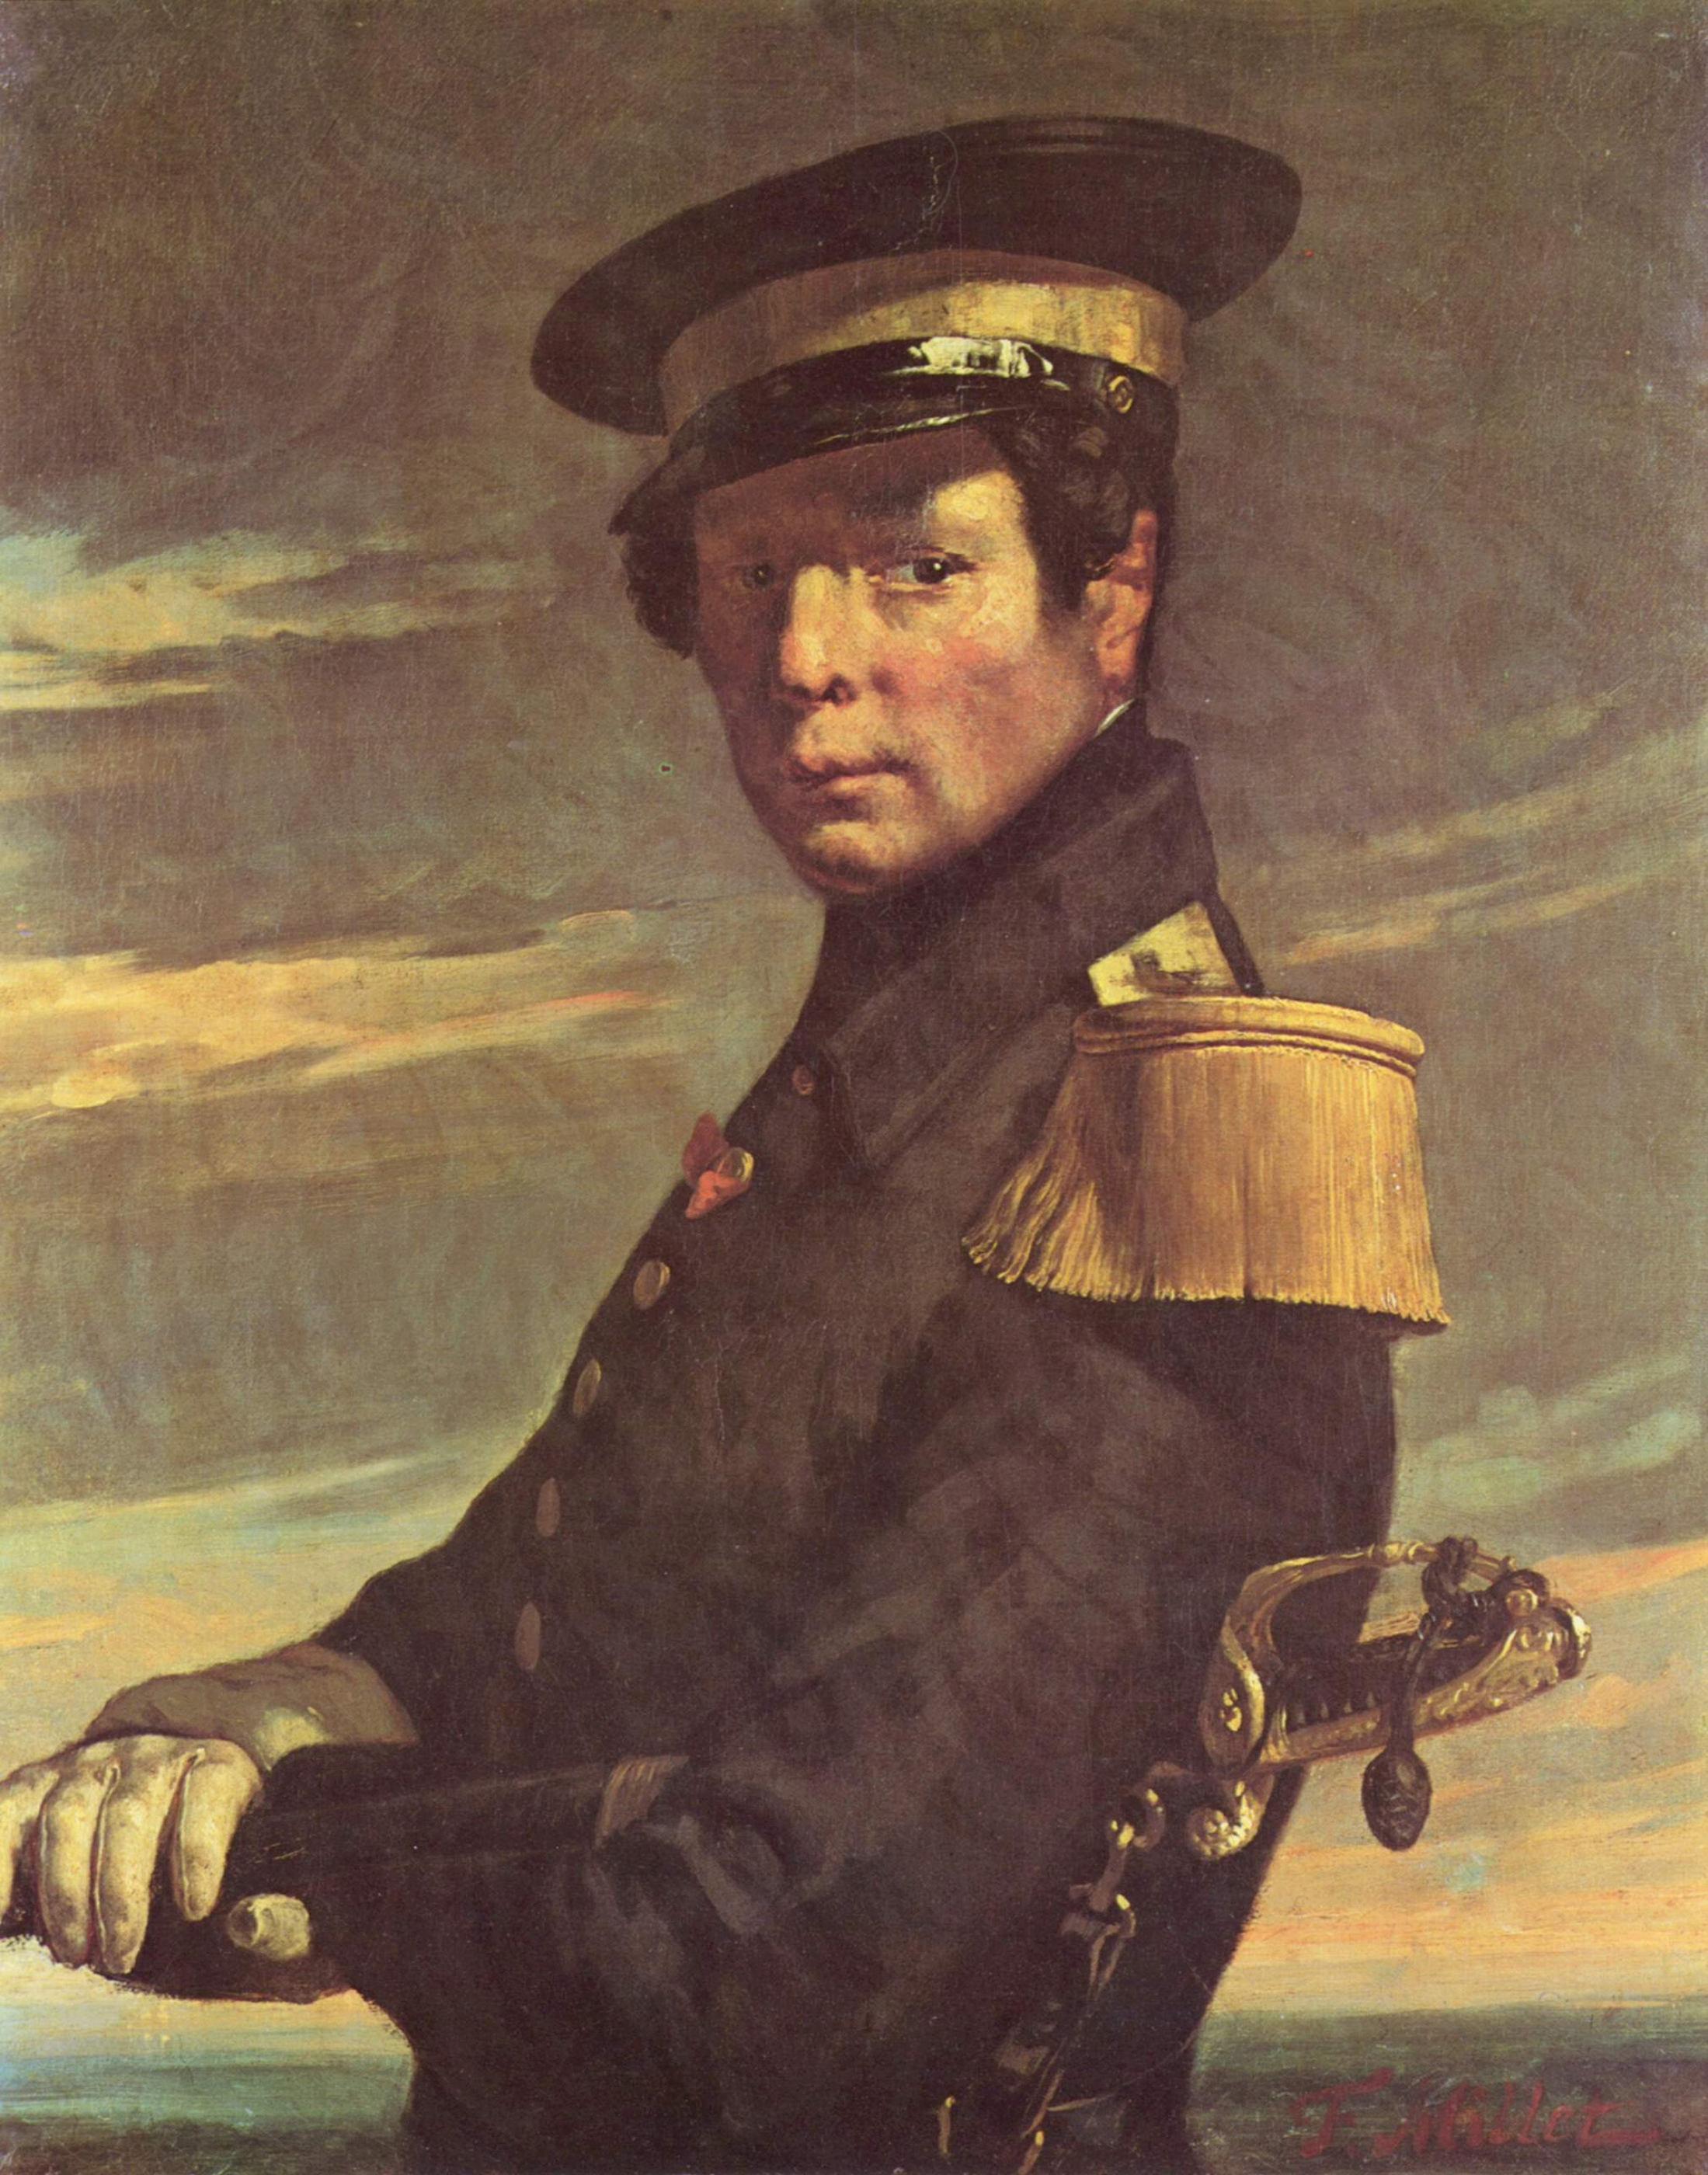 Dragonnes françaises - Officiers de marine de 1830 à 1940 64659410